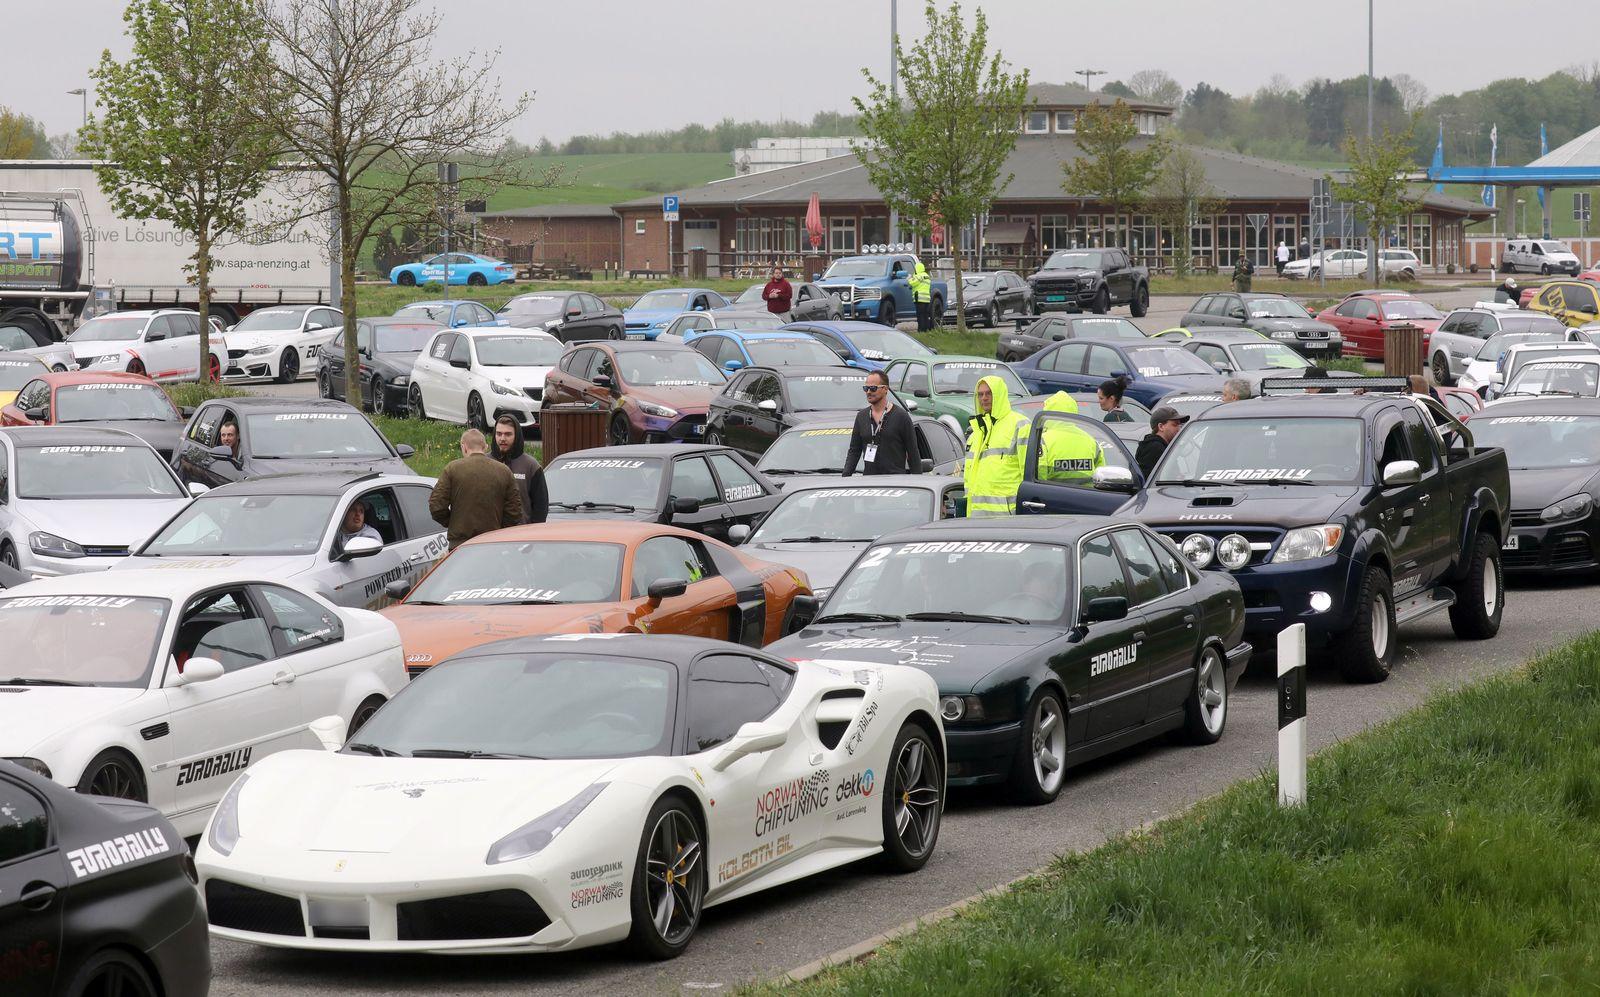 Eurorally - Verdacht auf illegales Autorennen